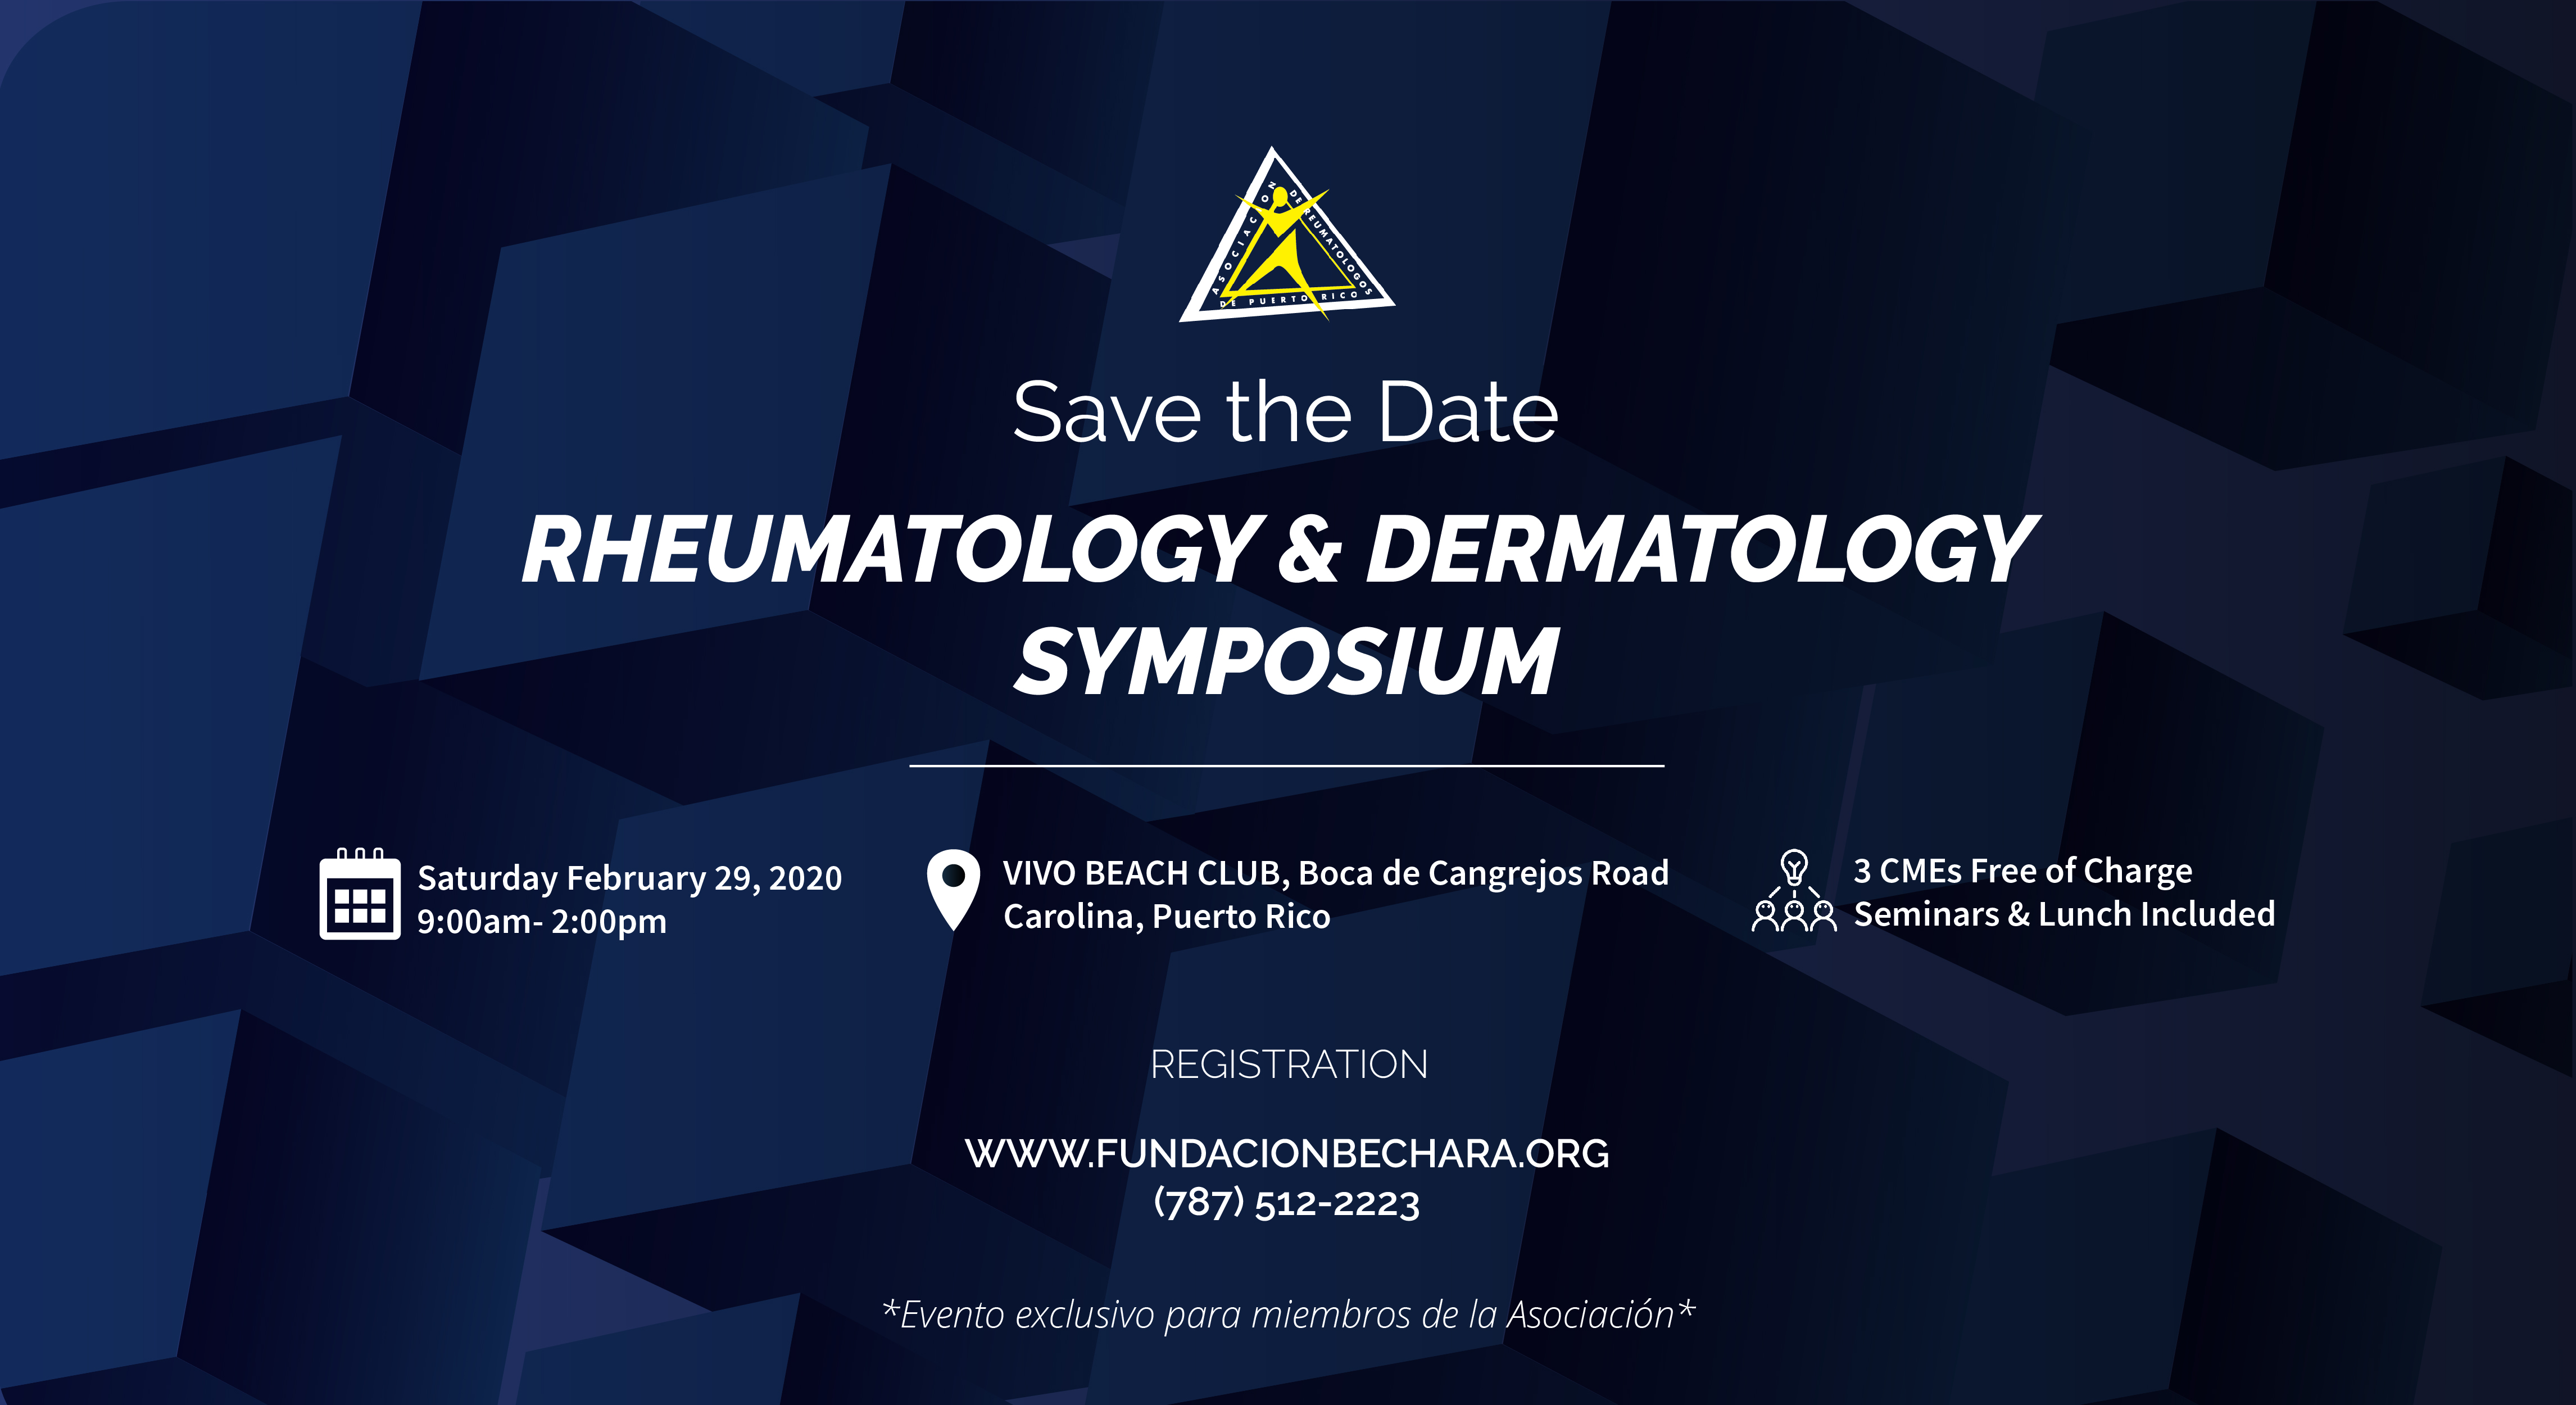 RHEUMATOLOGY & DERMATOLOGY SYMPOSIUM